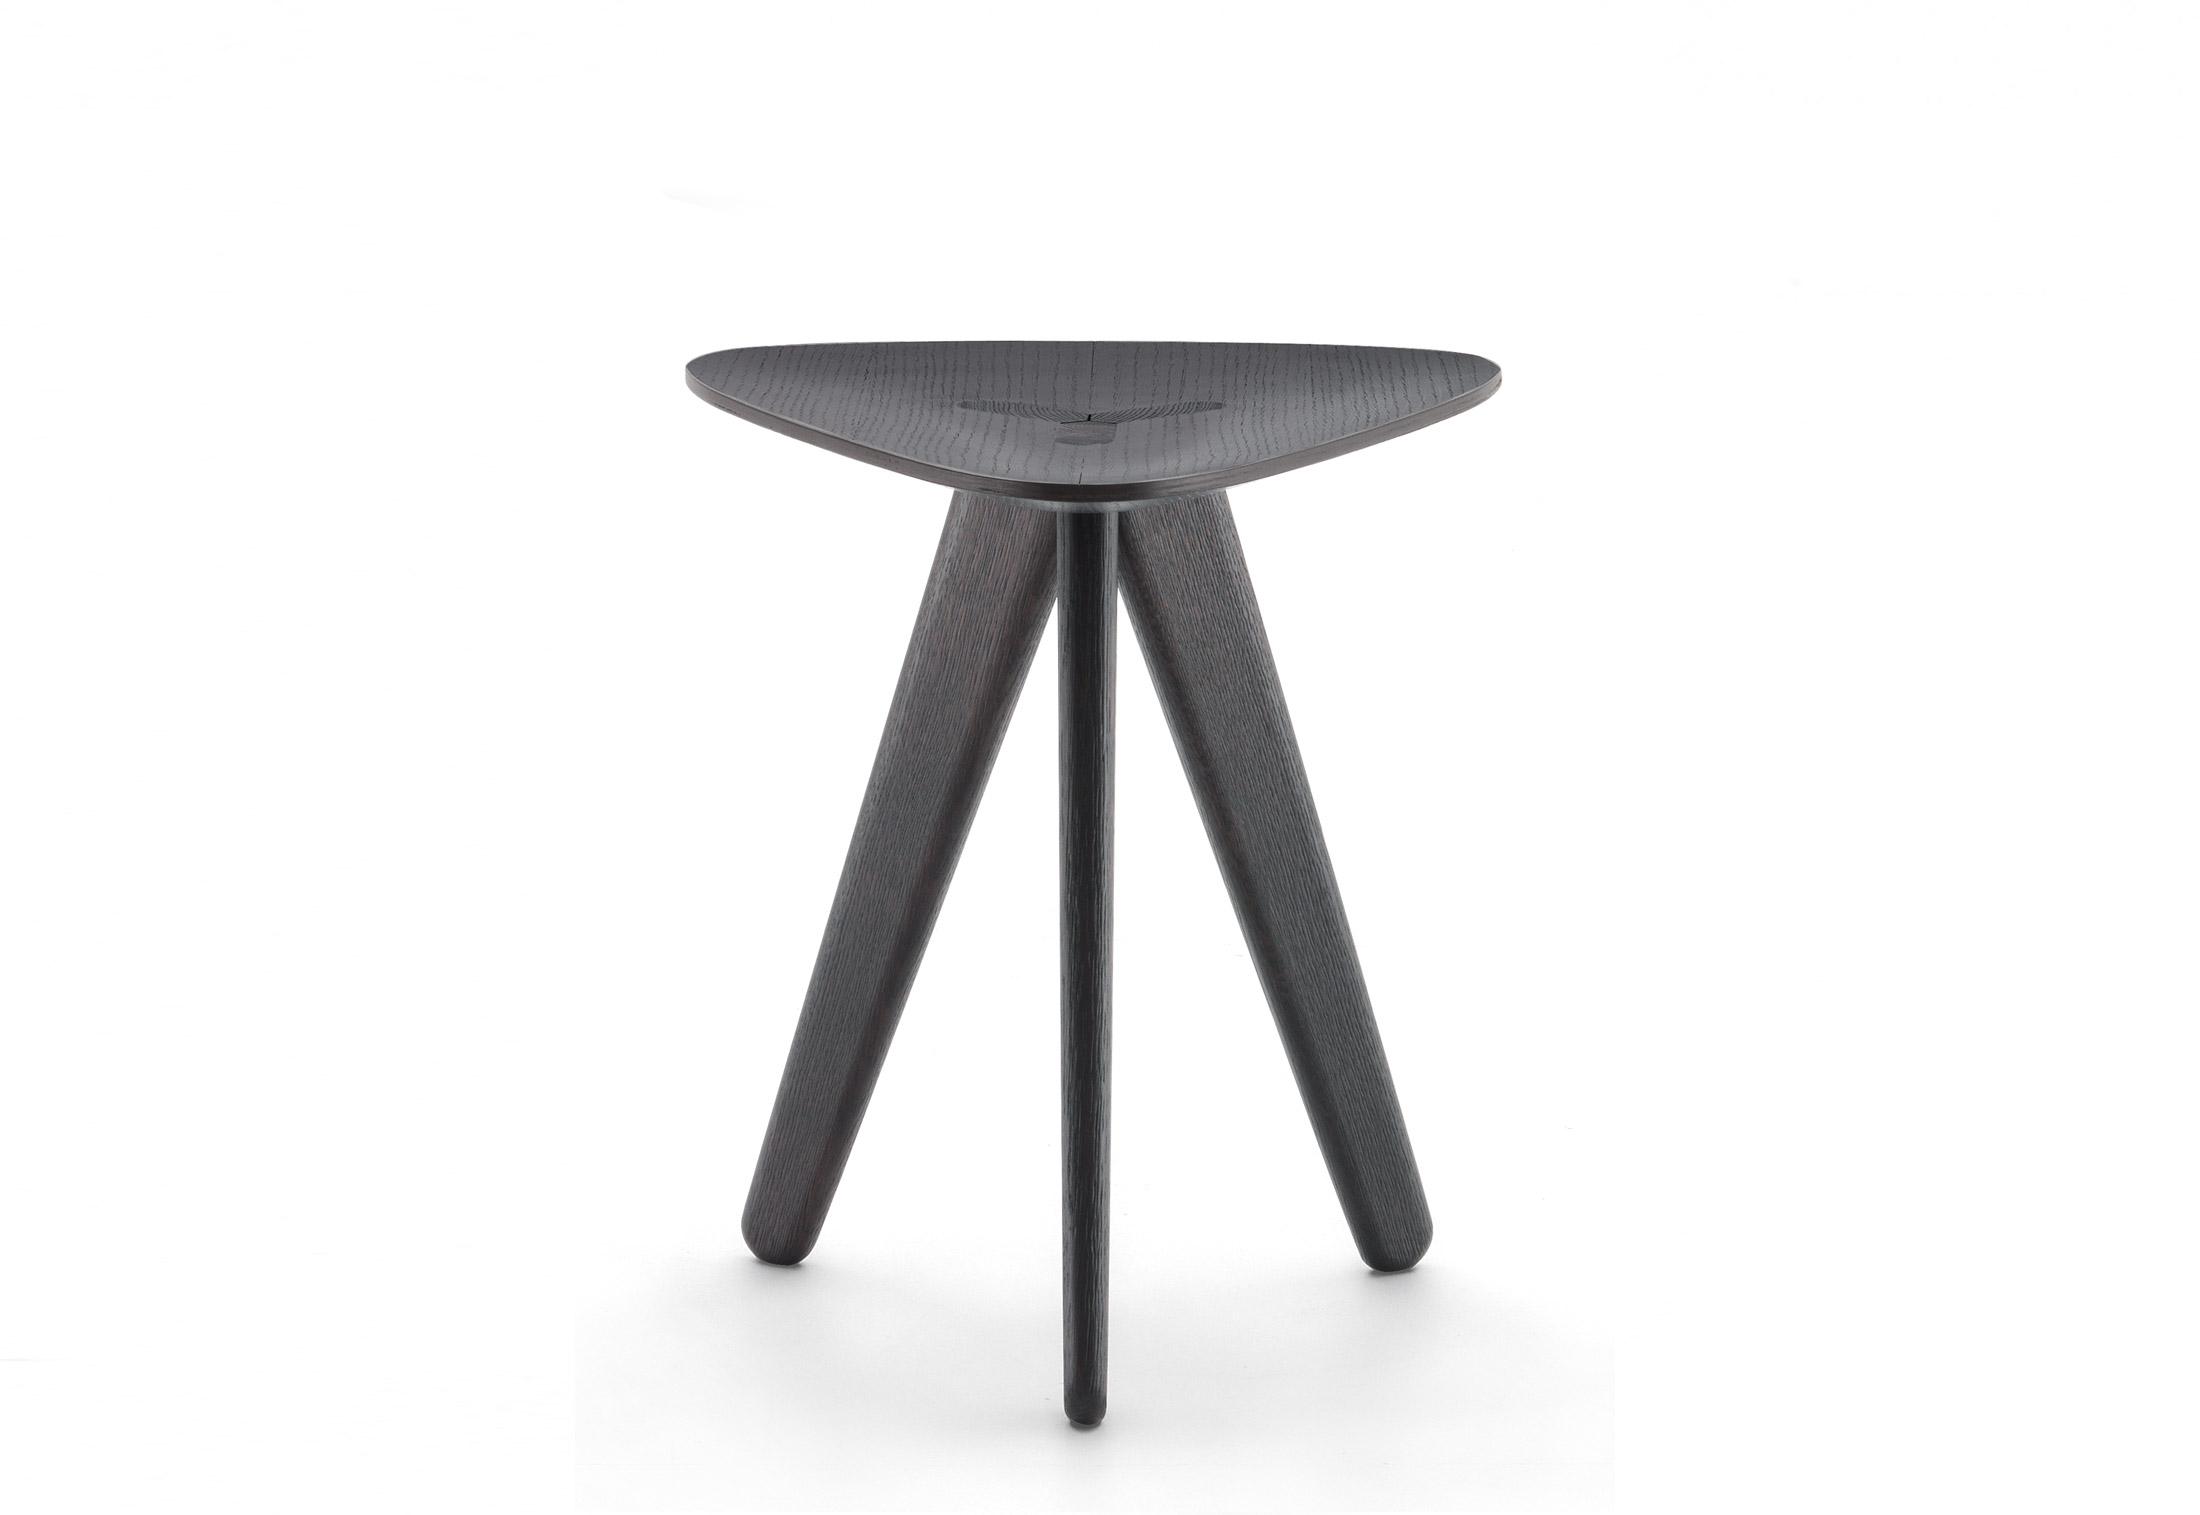 Home products chairs ics ipsilon - Ipsilon Ipsilon Ipsilon Ipsilon